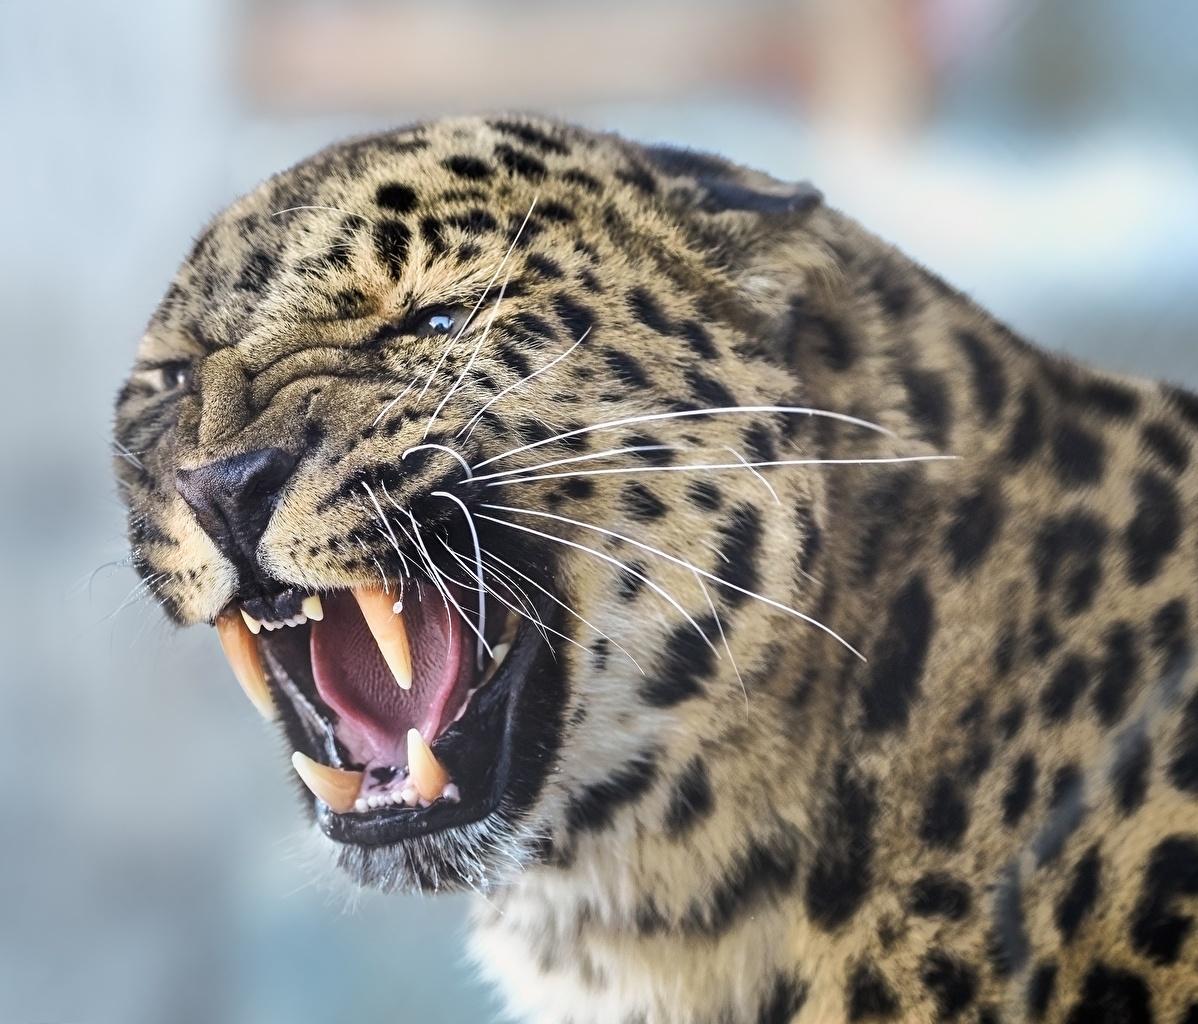 Картинка леопард Клыки злой Усы Вибриссы морды животное Леопарды рычит Оскал злость Морда Животные